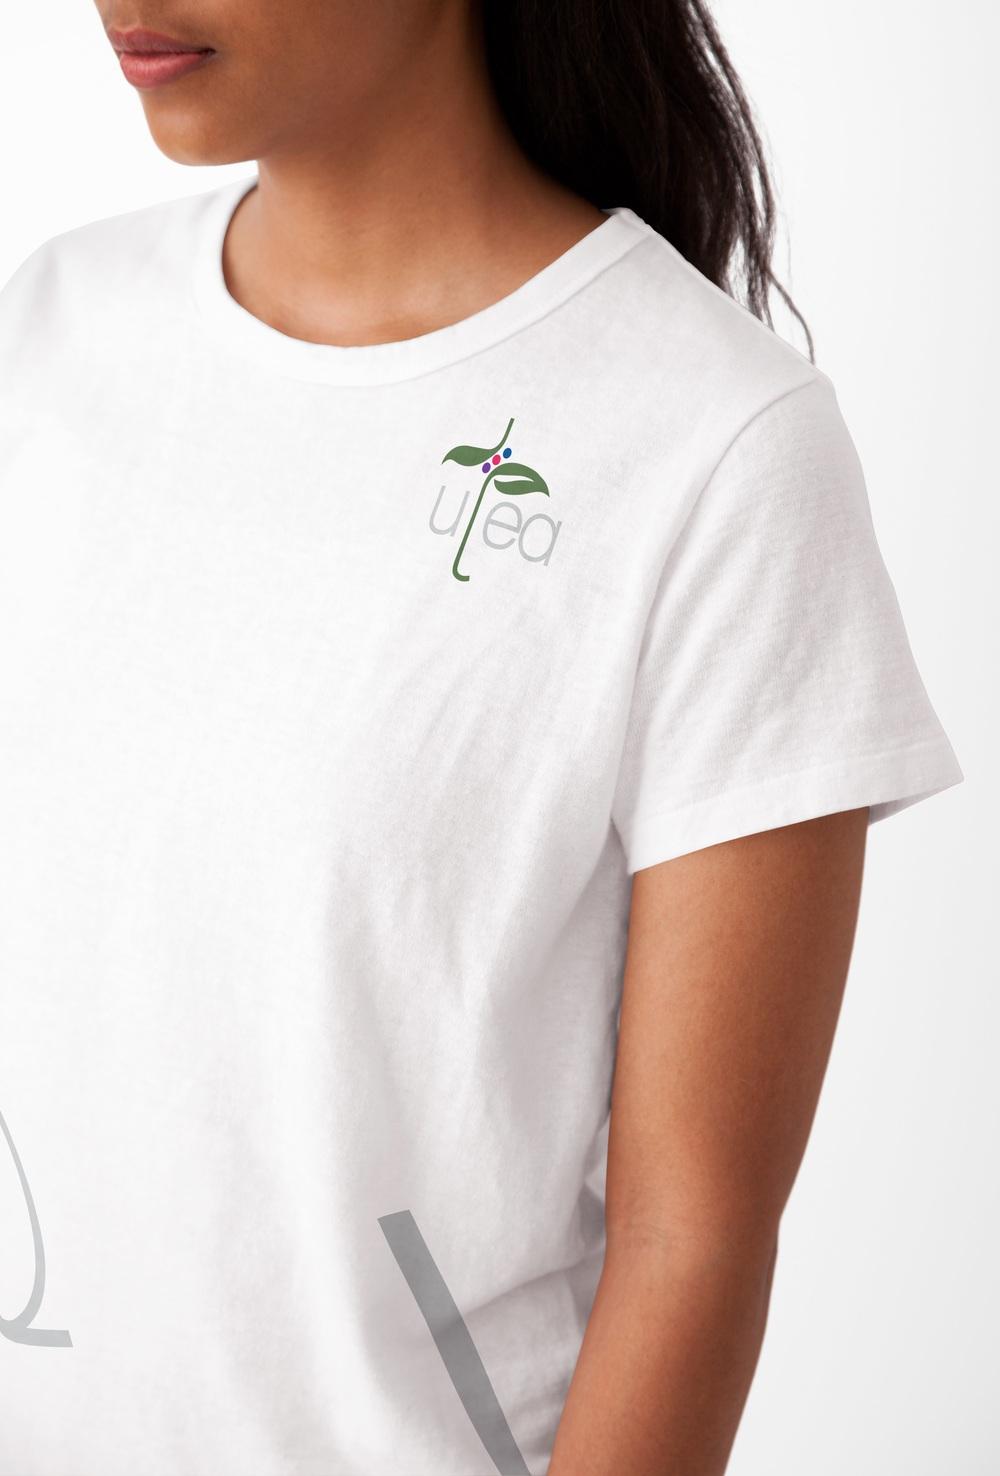 Shirt 0540 2015-03-20.jpg